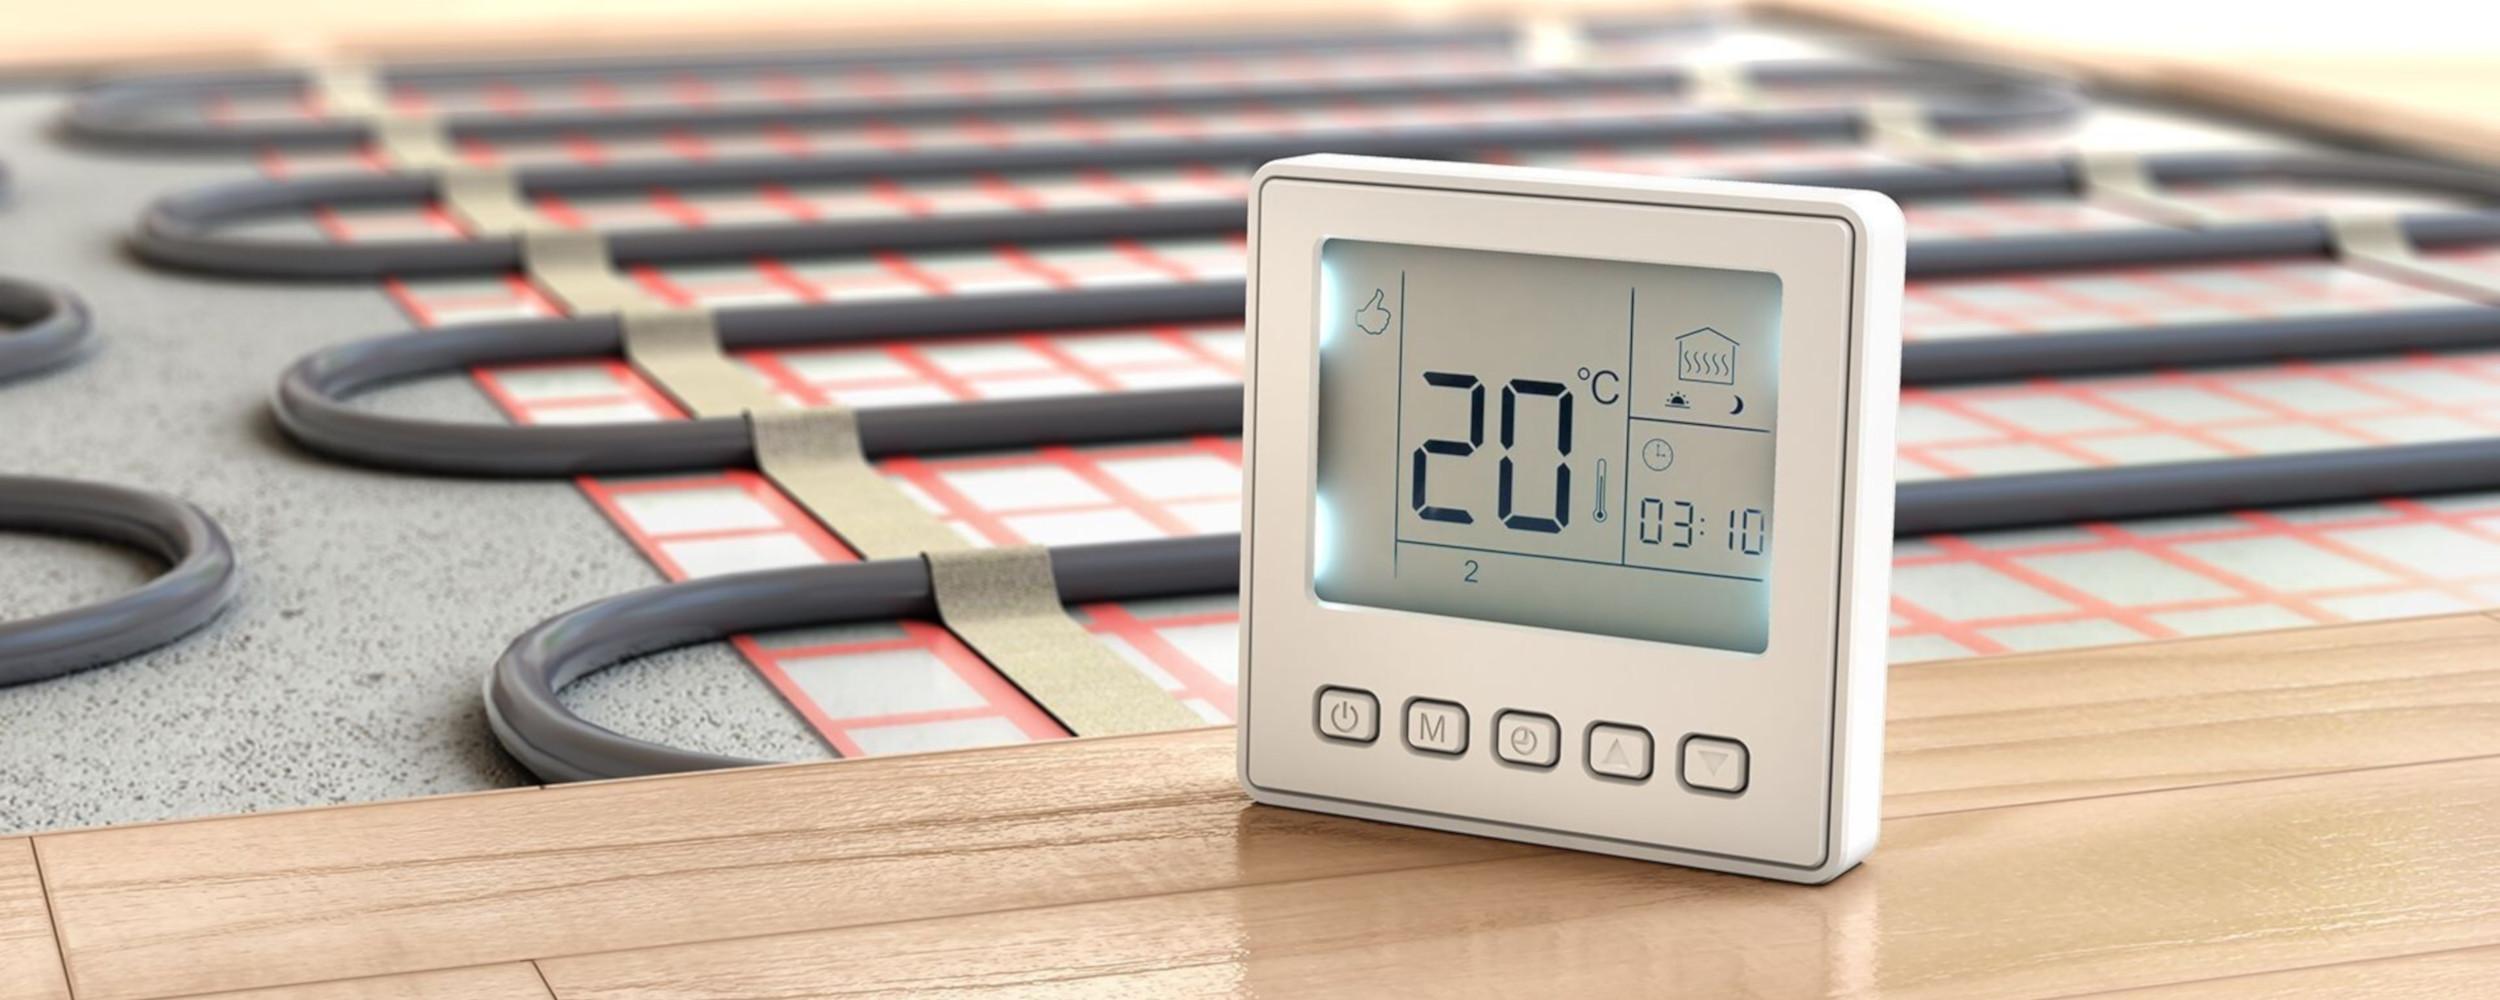 efficientamento energetico - edilizia sostenibile - teramo